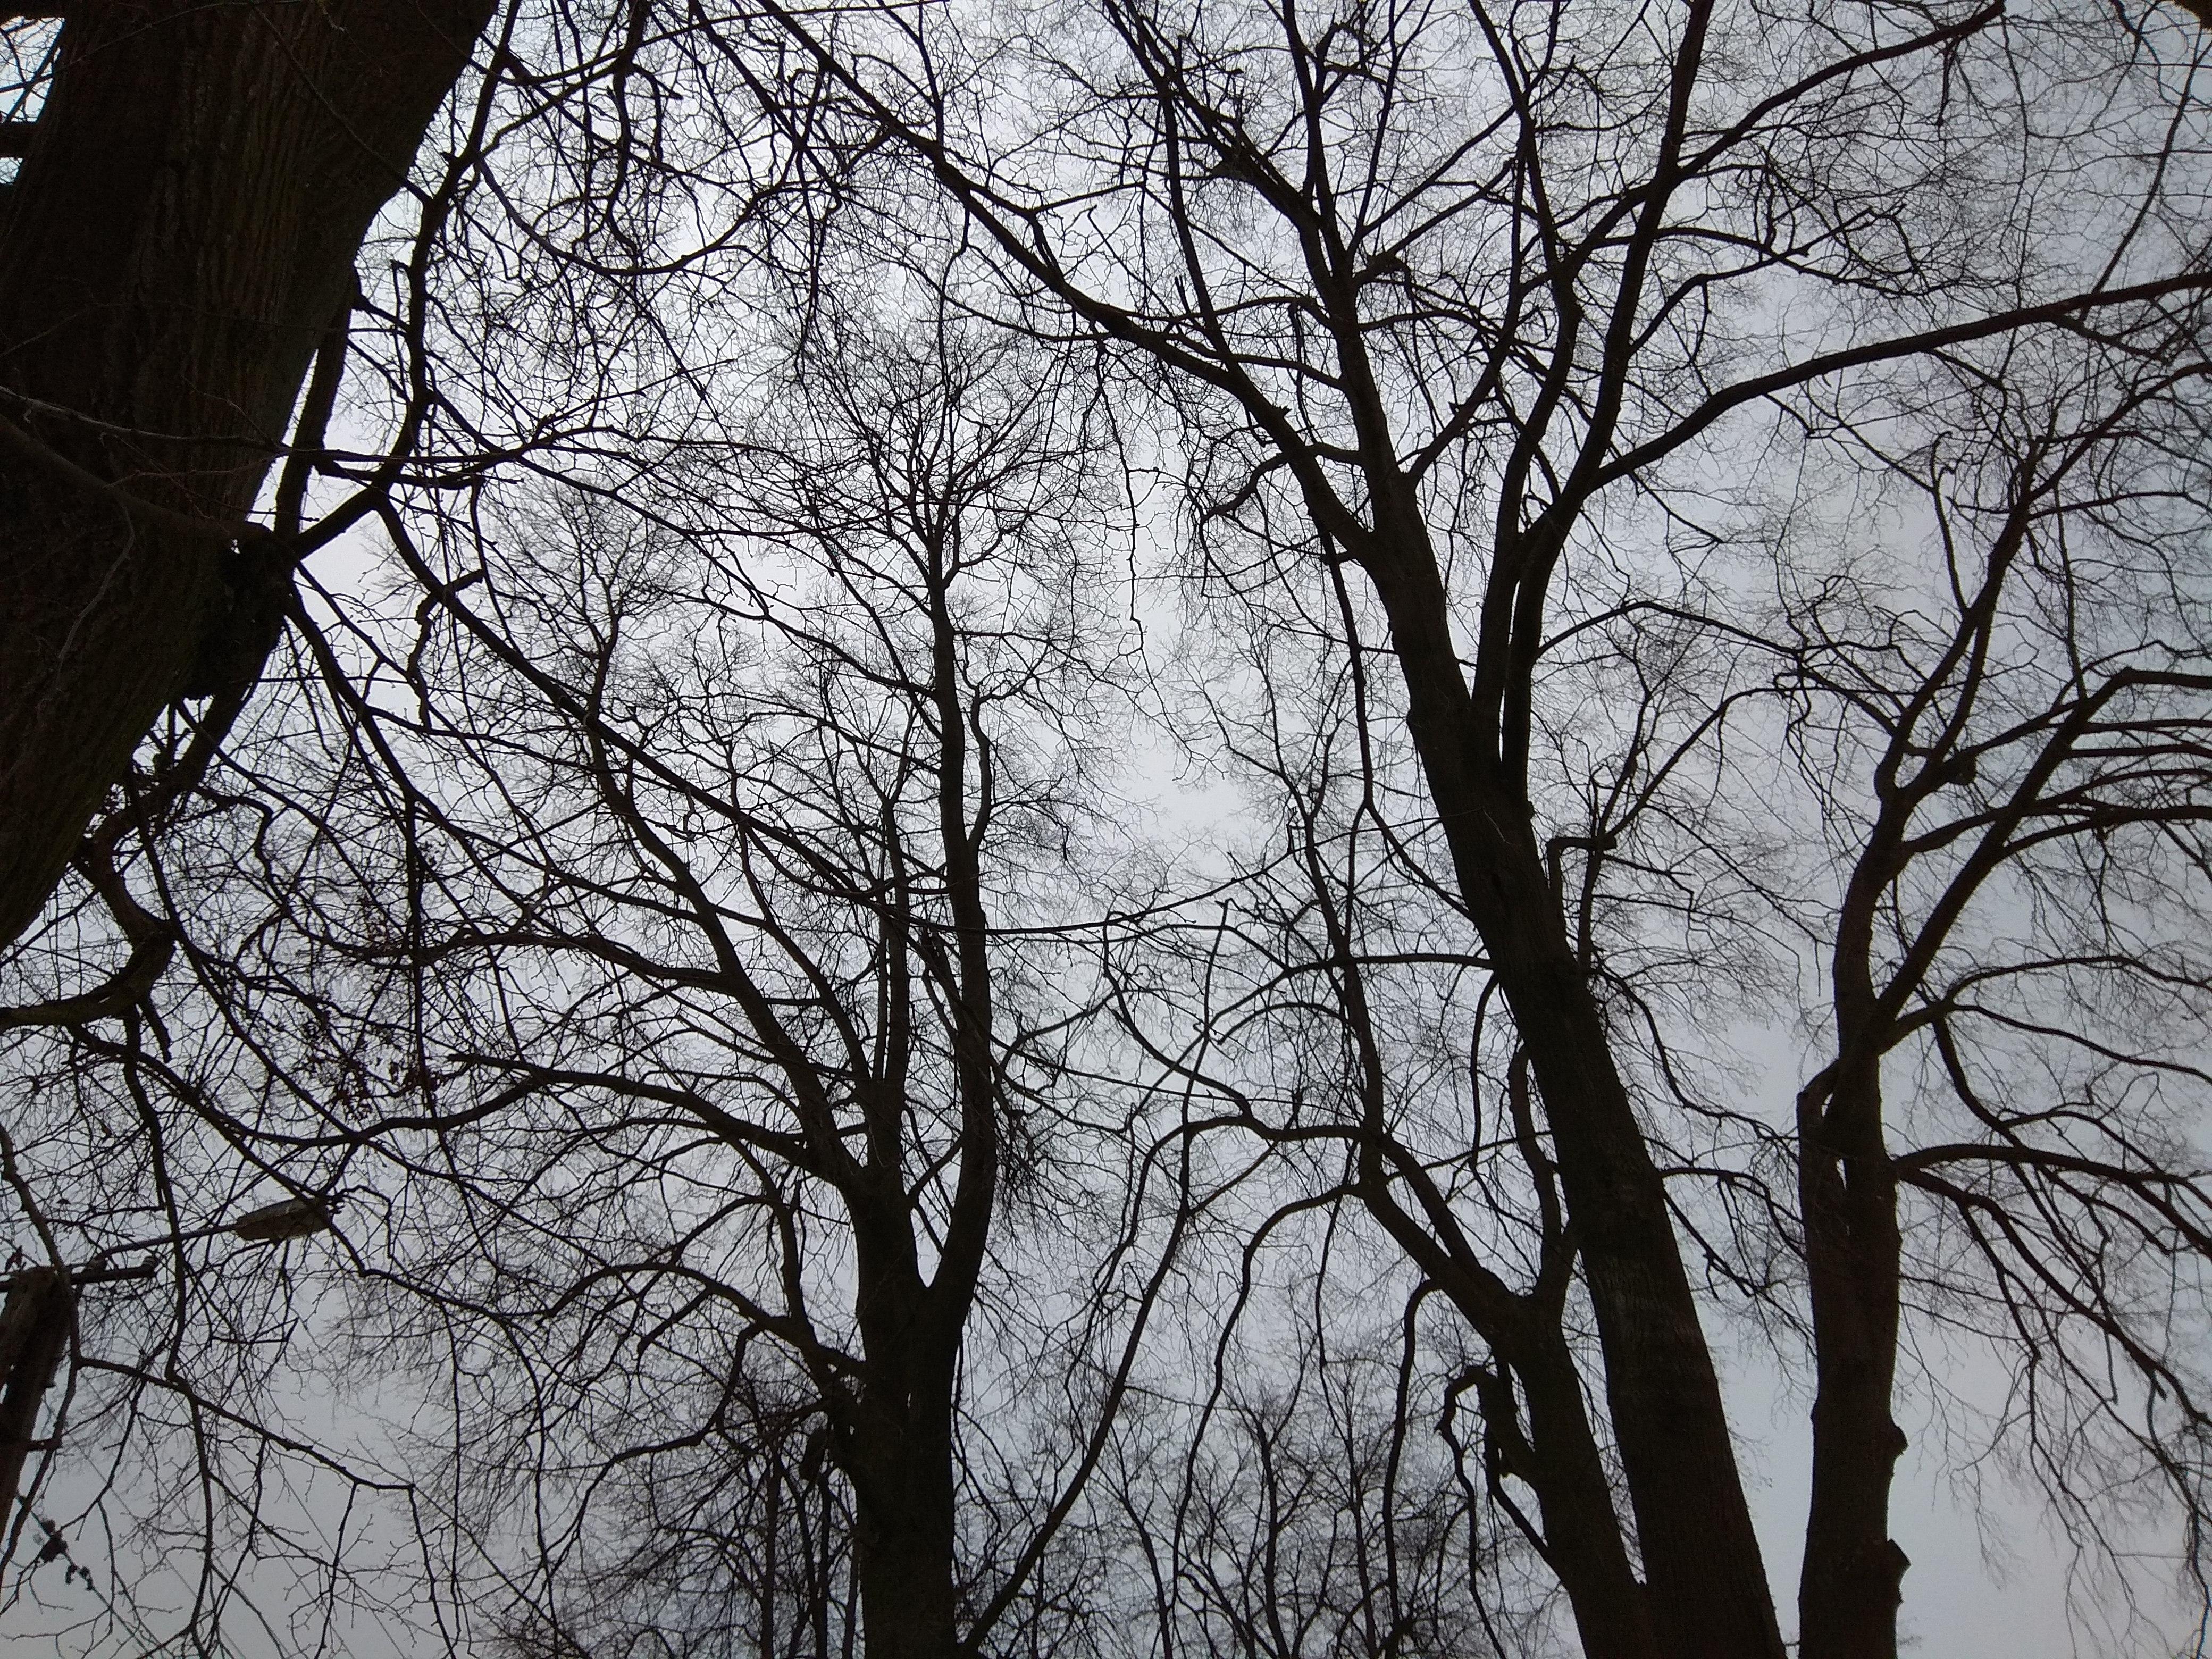 Widok na bezlistne korony drzew.